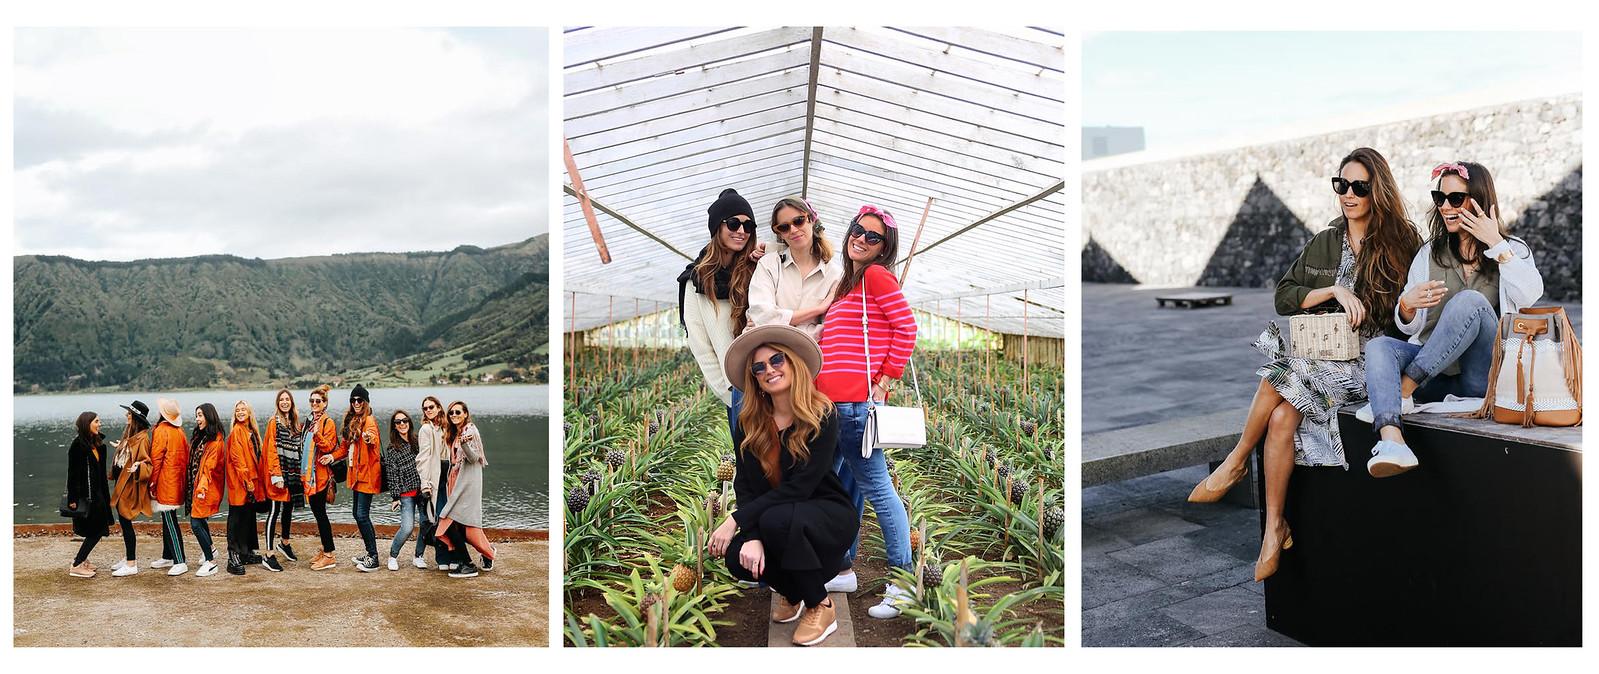 PARFOIS AZORES EVENTO 2018 THEGUESTGIRL ANDREA BELVER ATRENDY LIFE MARTA CARRIEDO DANSVOGUE COOHUCO AGOSTINA SARRACO EREA LOURO CHANTAL TORRES JESSIE CHANES SEAMSFORADESIRE LAURA SANTOLARIA BOLSO PARFOIS SS18 VIAJE AZORES INFLUENCERS ESPAÑOLAS